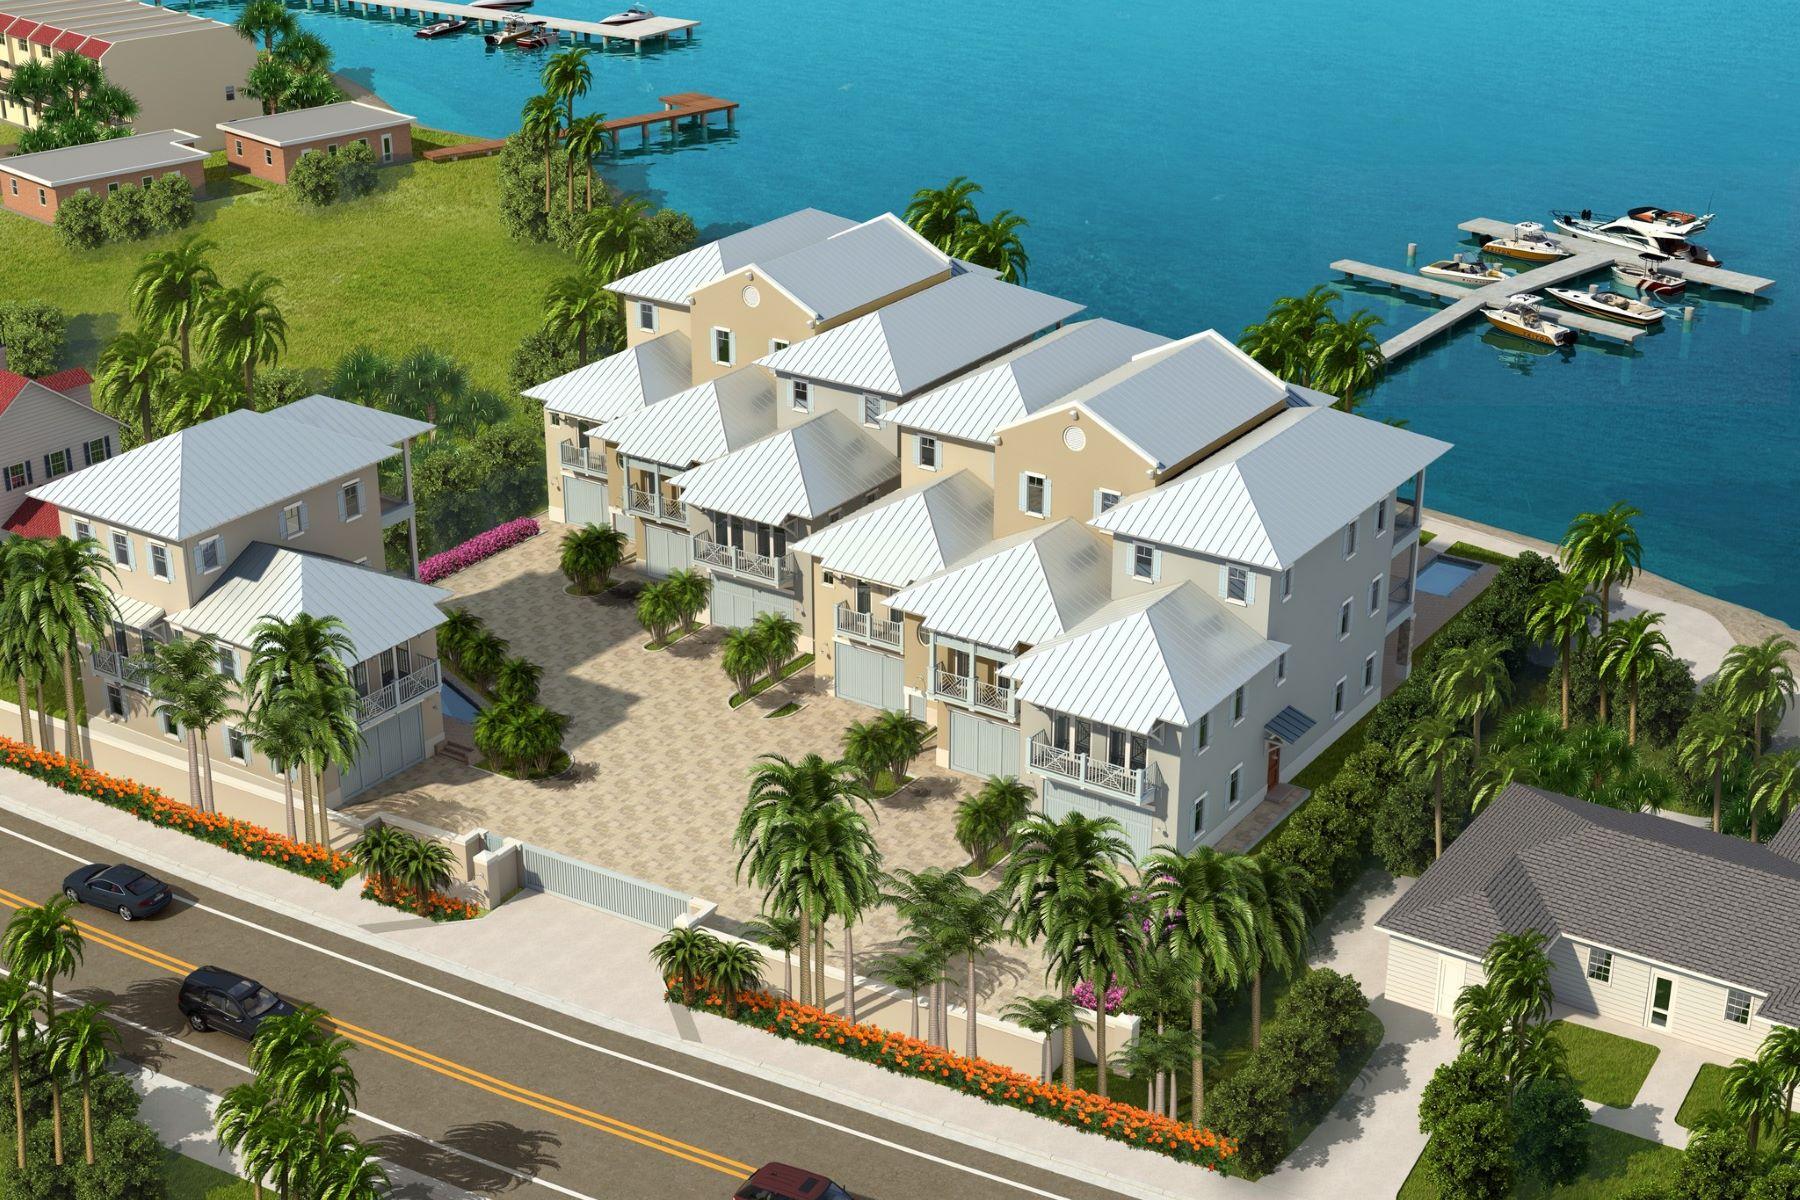 联栋屋 为 销售 在 Riverfront Ultra-Luxury Townhome 1502 Seaway Drive #5 哈钦森岛, 佛罗里达州, 34949 美国